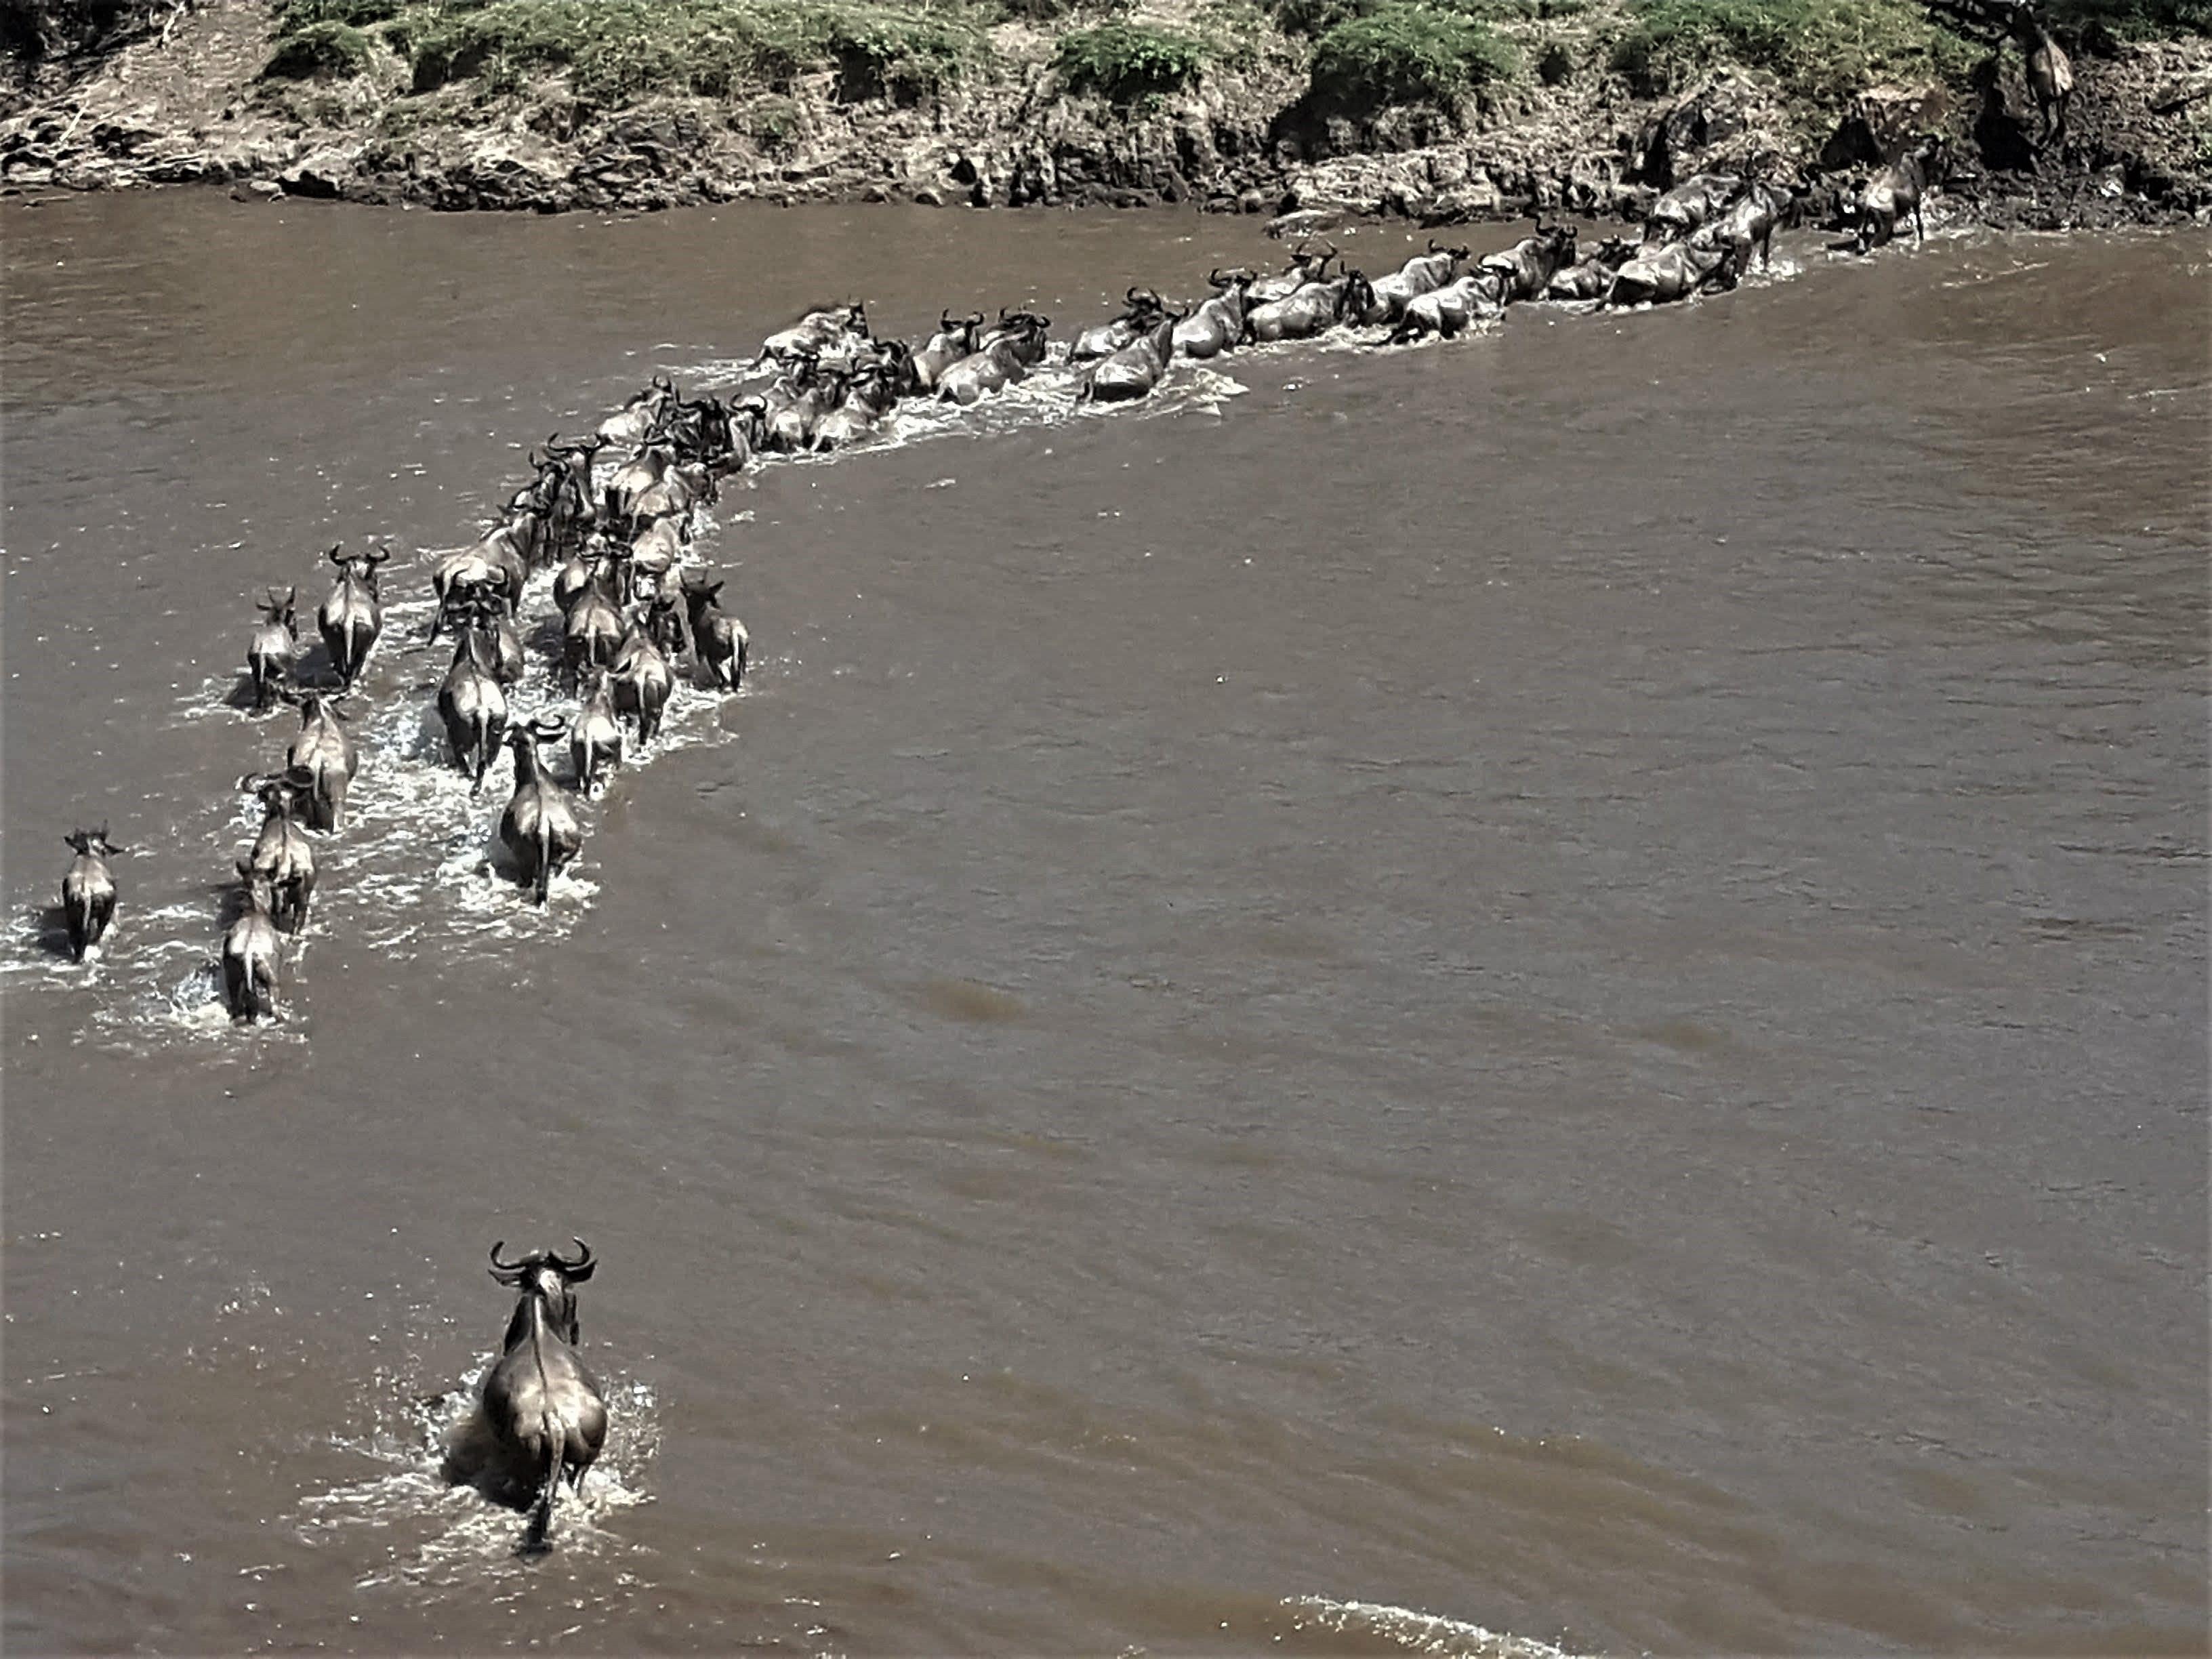 Animales cruzando el Río Mara